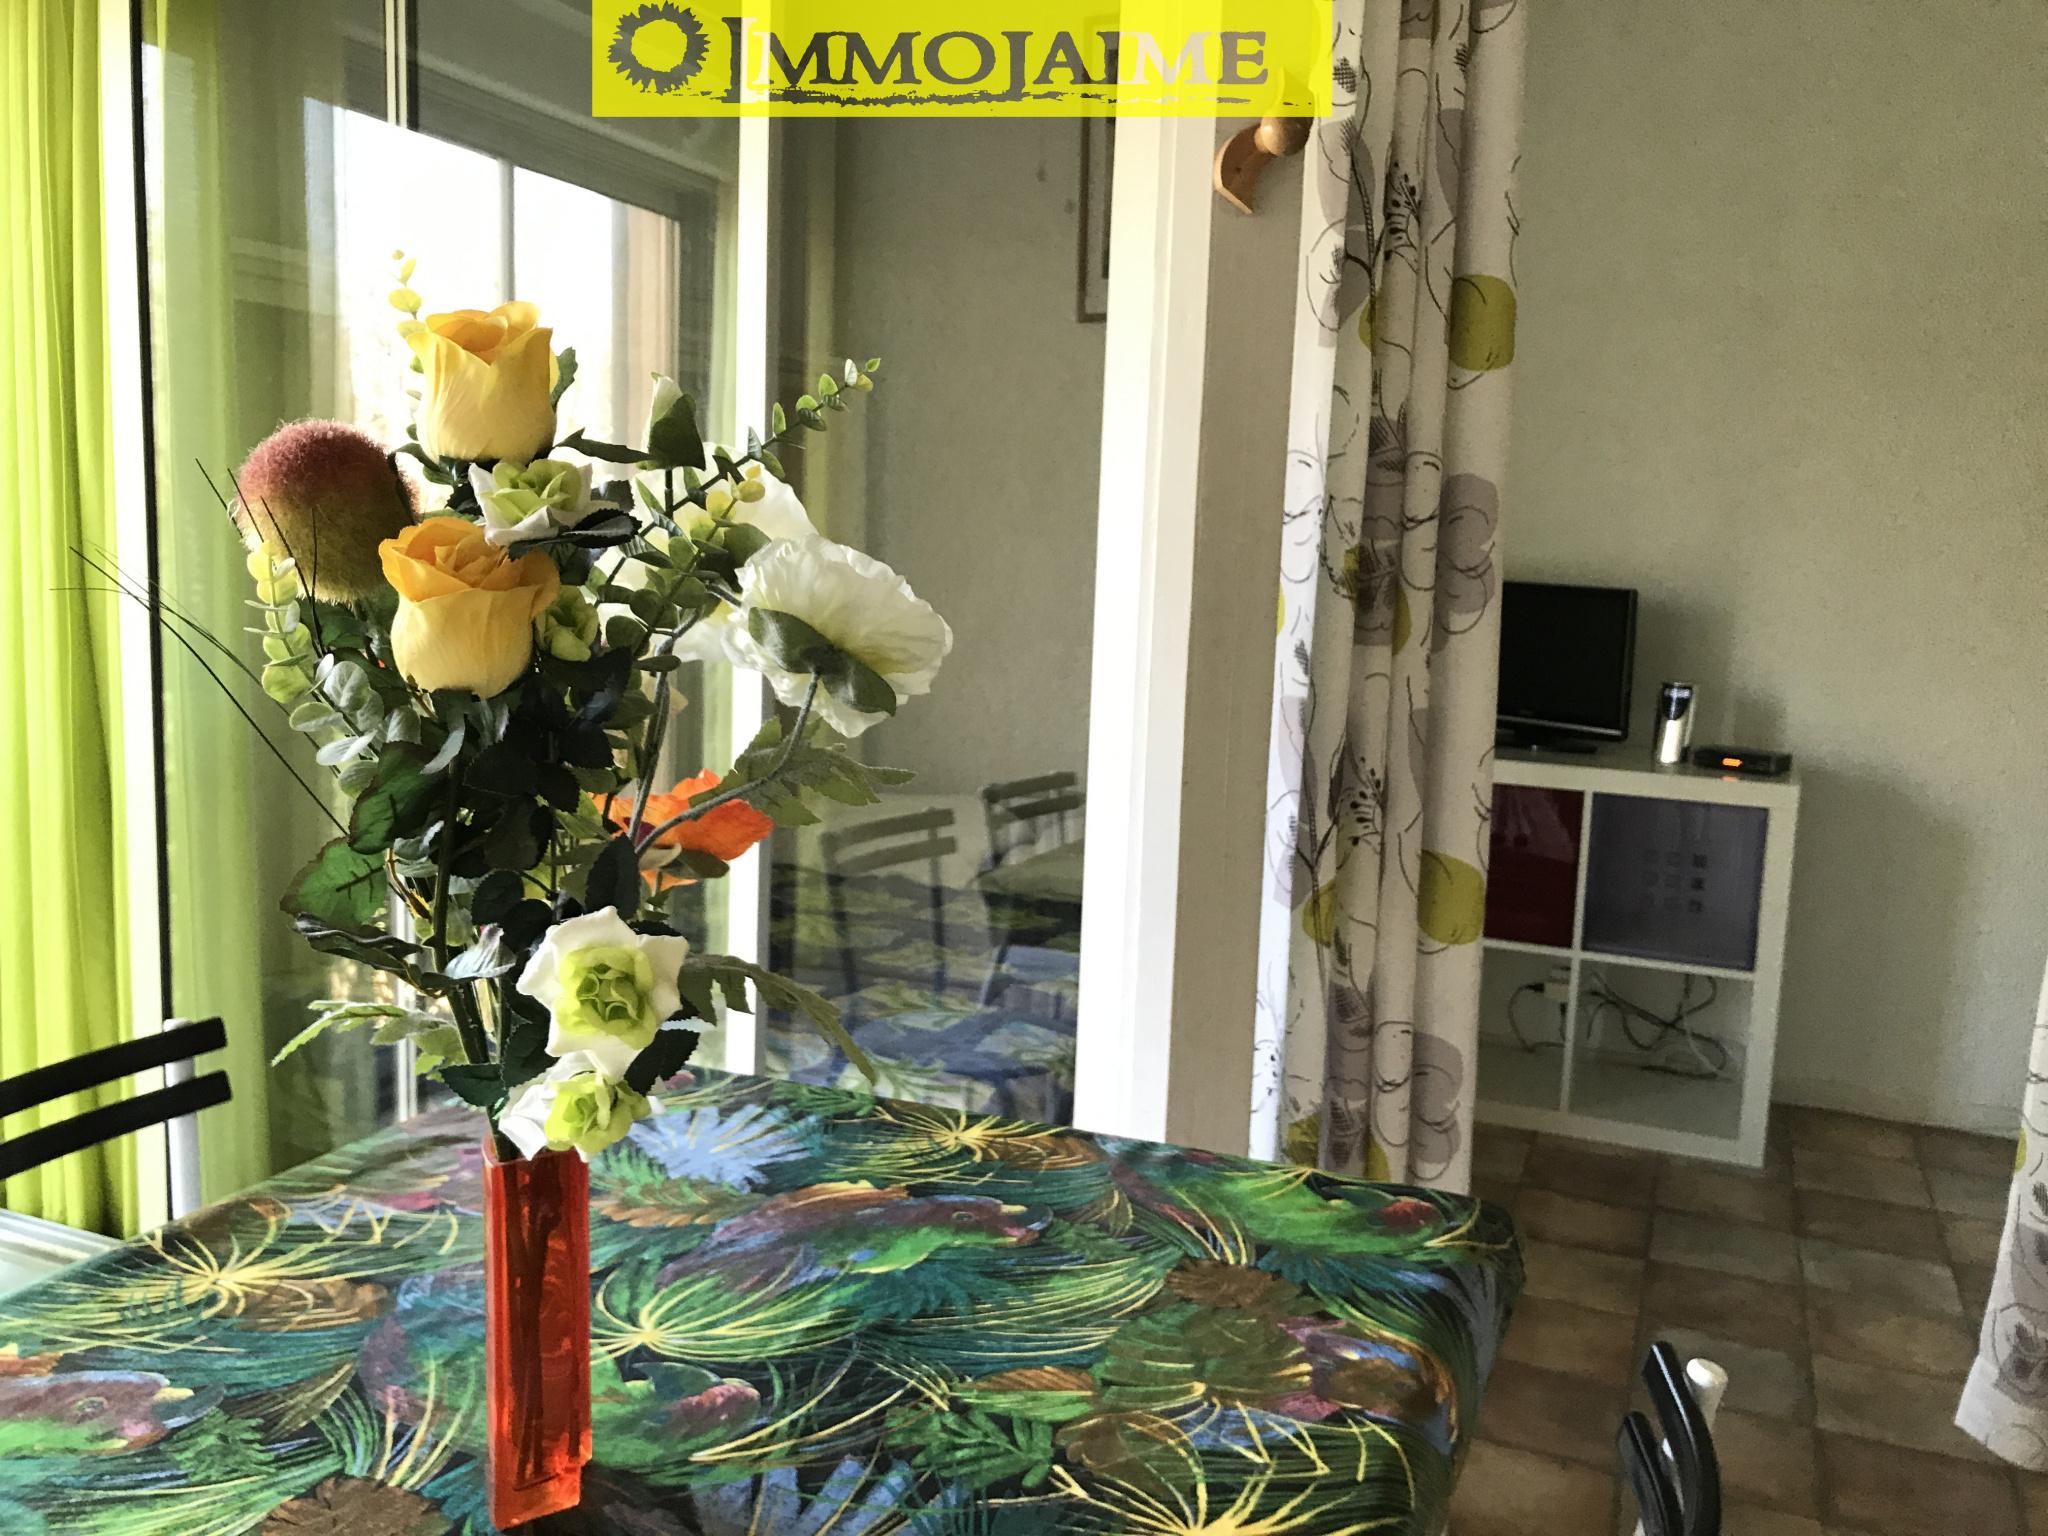 Vente appartement 3 pièces st cyprien plage 66750